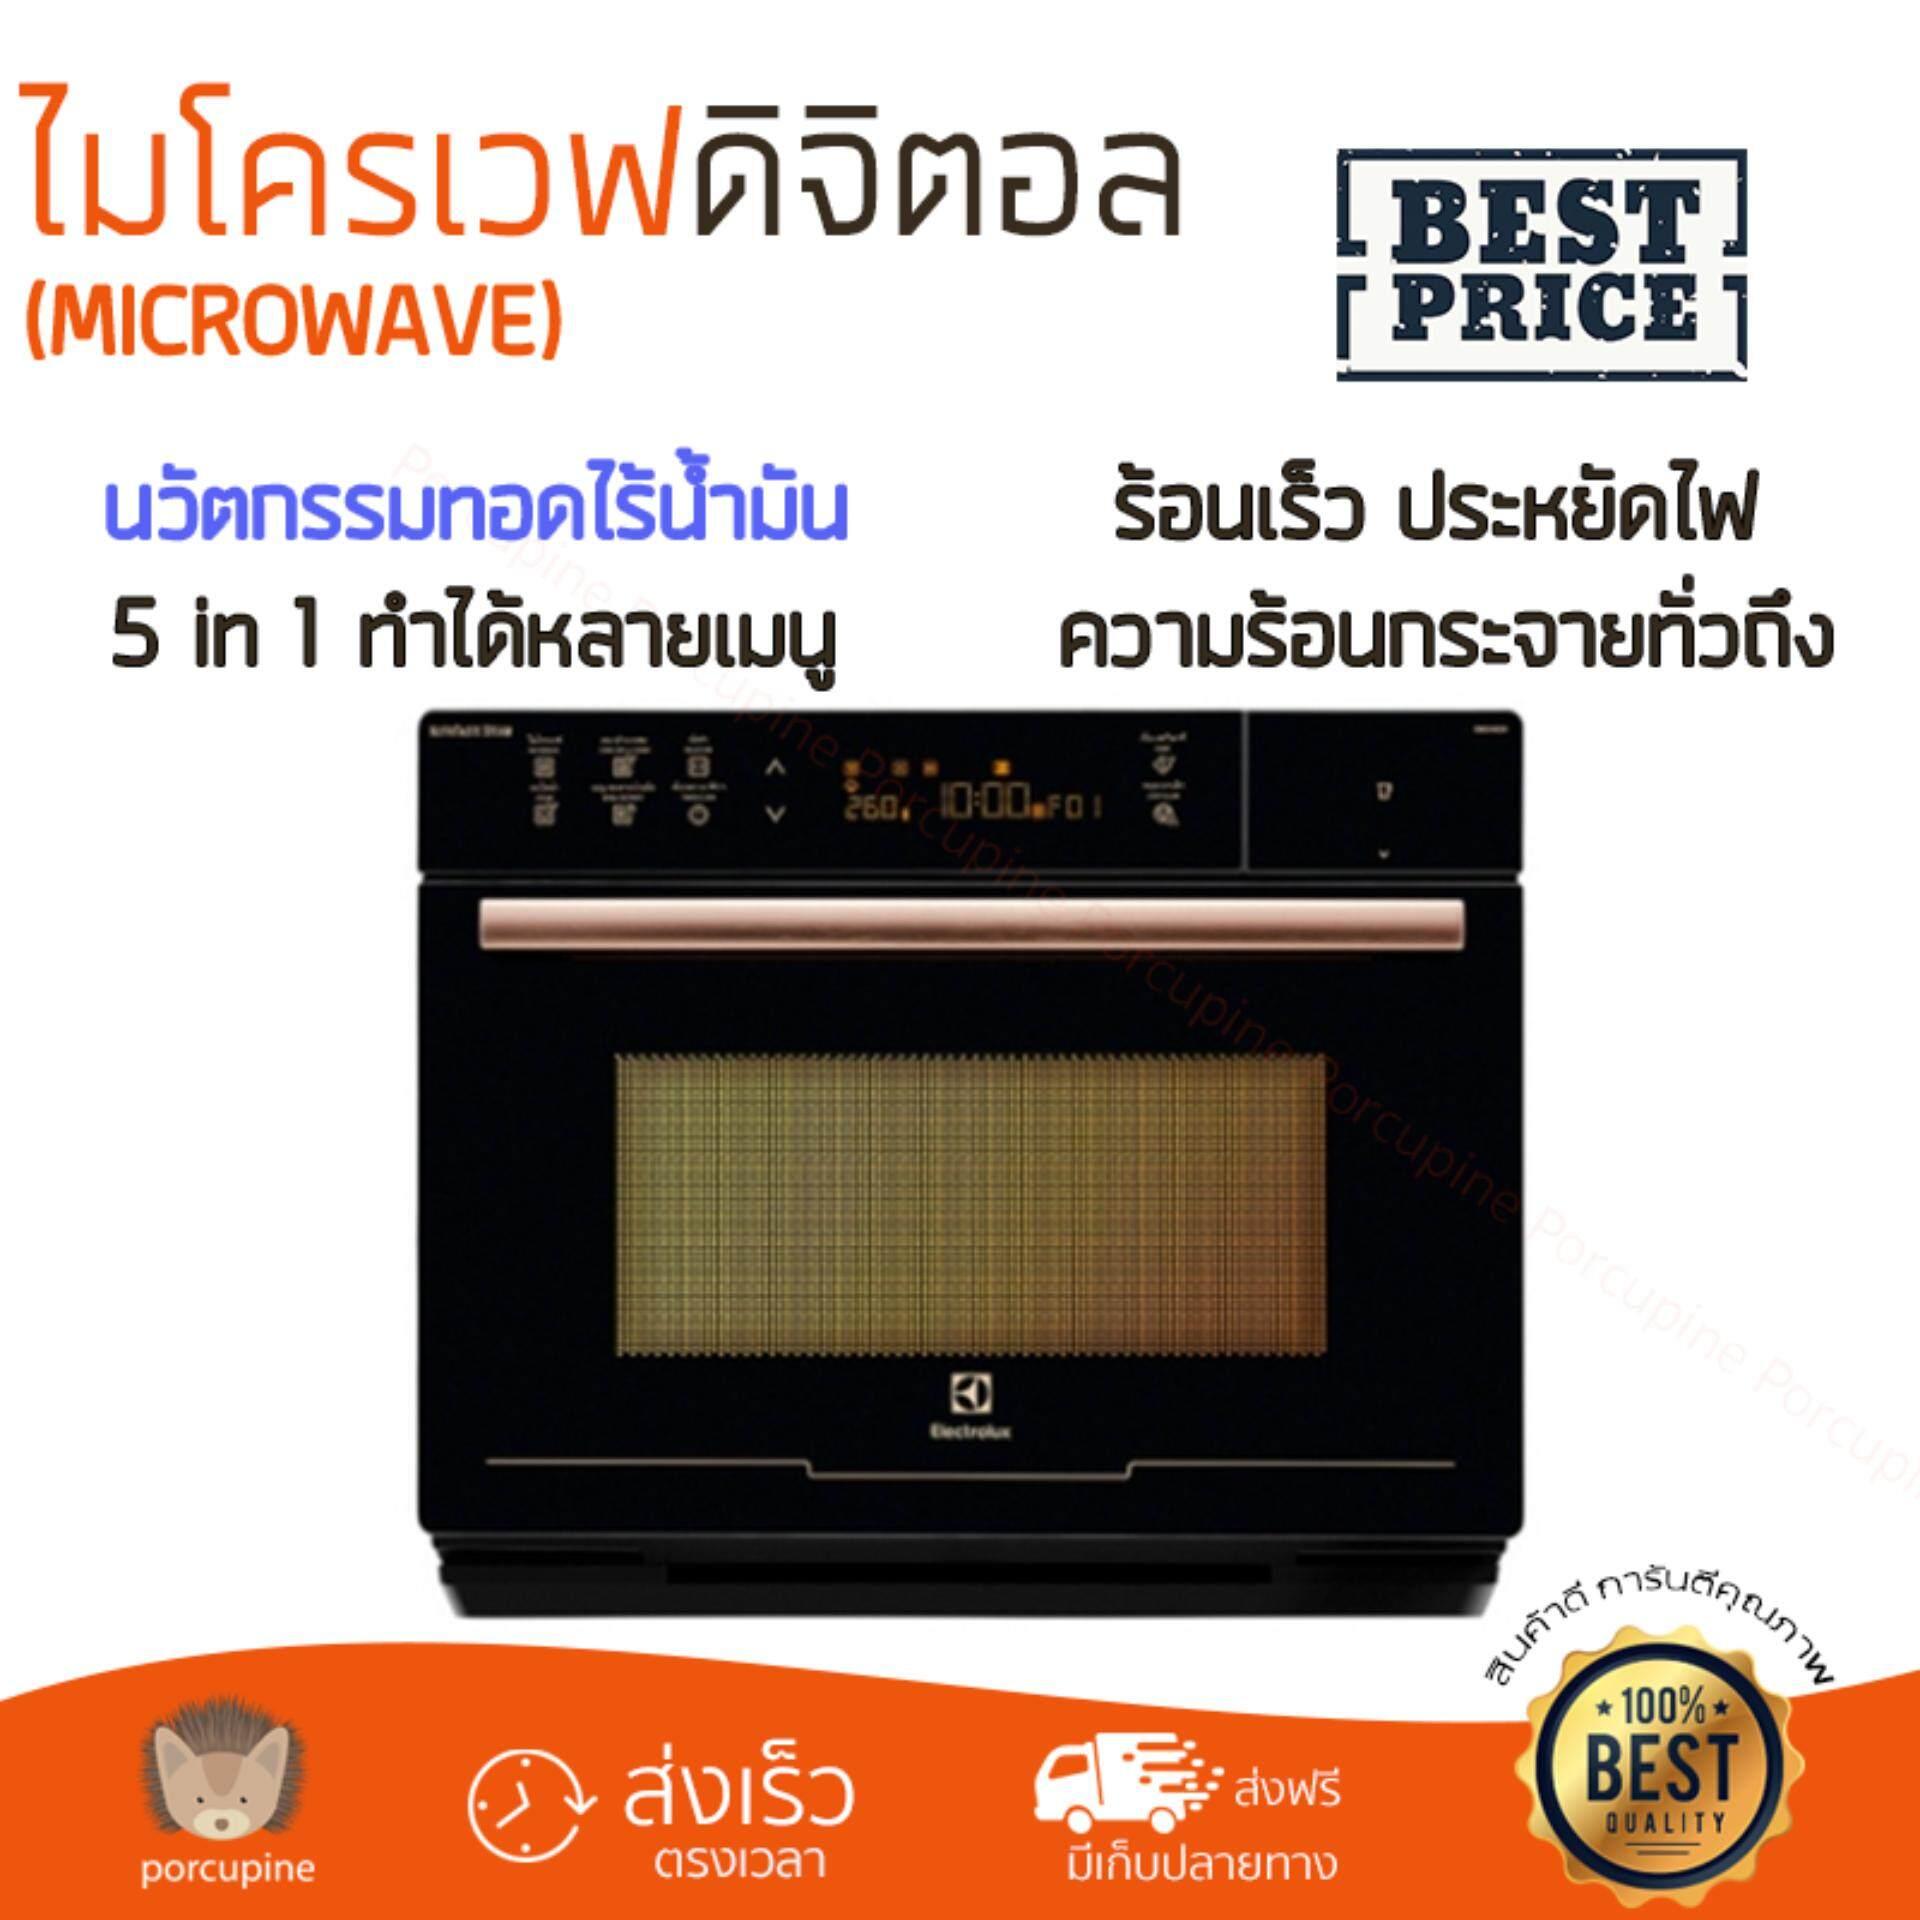 รุ่นใหม่ล่าสุด ไมโครเวฟ เตาอบไมโครเวฟ ไมโครเวฟดิจิตอล ELECTROLUX EMS3482SR 34 ลิตร | ELECTROLUX | EMS3482SR ปรับระดับความร้อนได้หลายระดับ  มีฟังก์ชันละลายน้ำแข็ง ใช้งานง่าย Microwave จัดส่งฟรีทั่วประเทศ